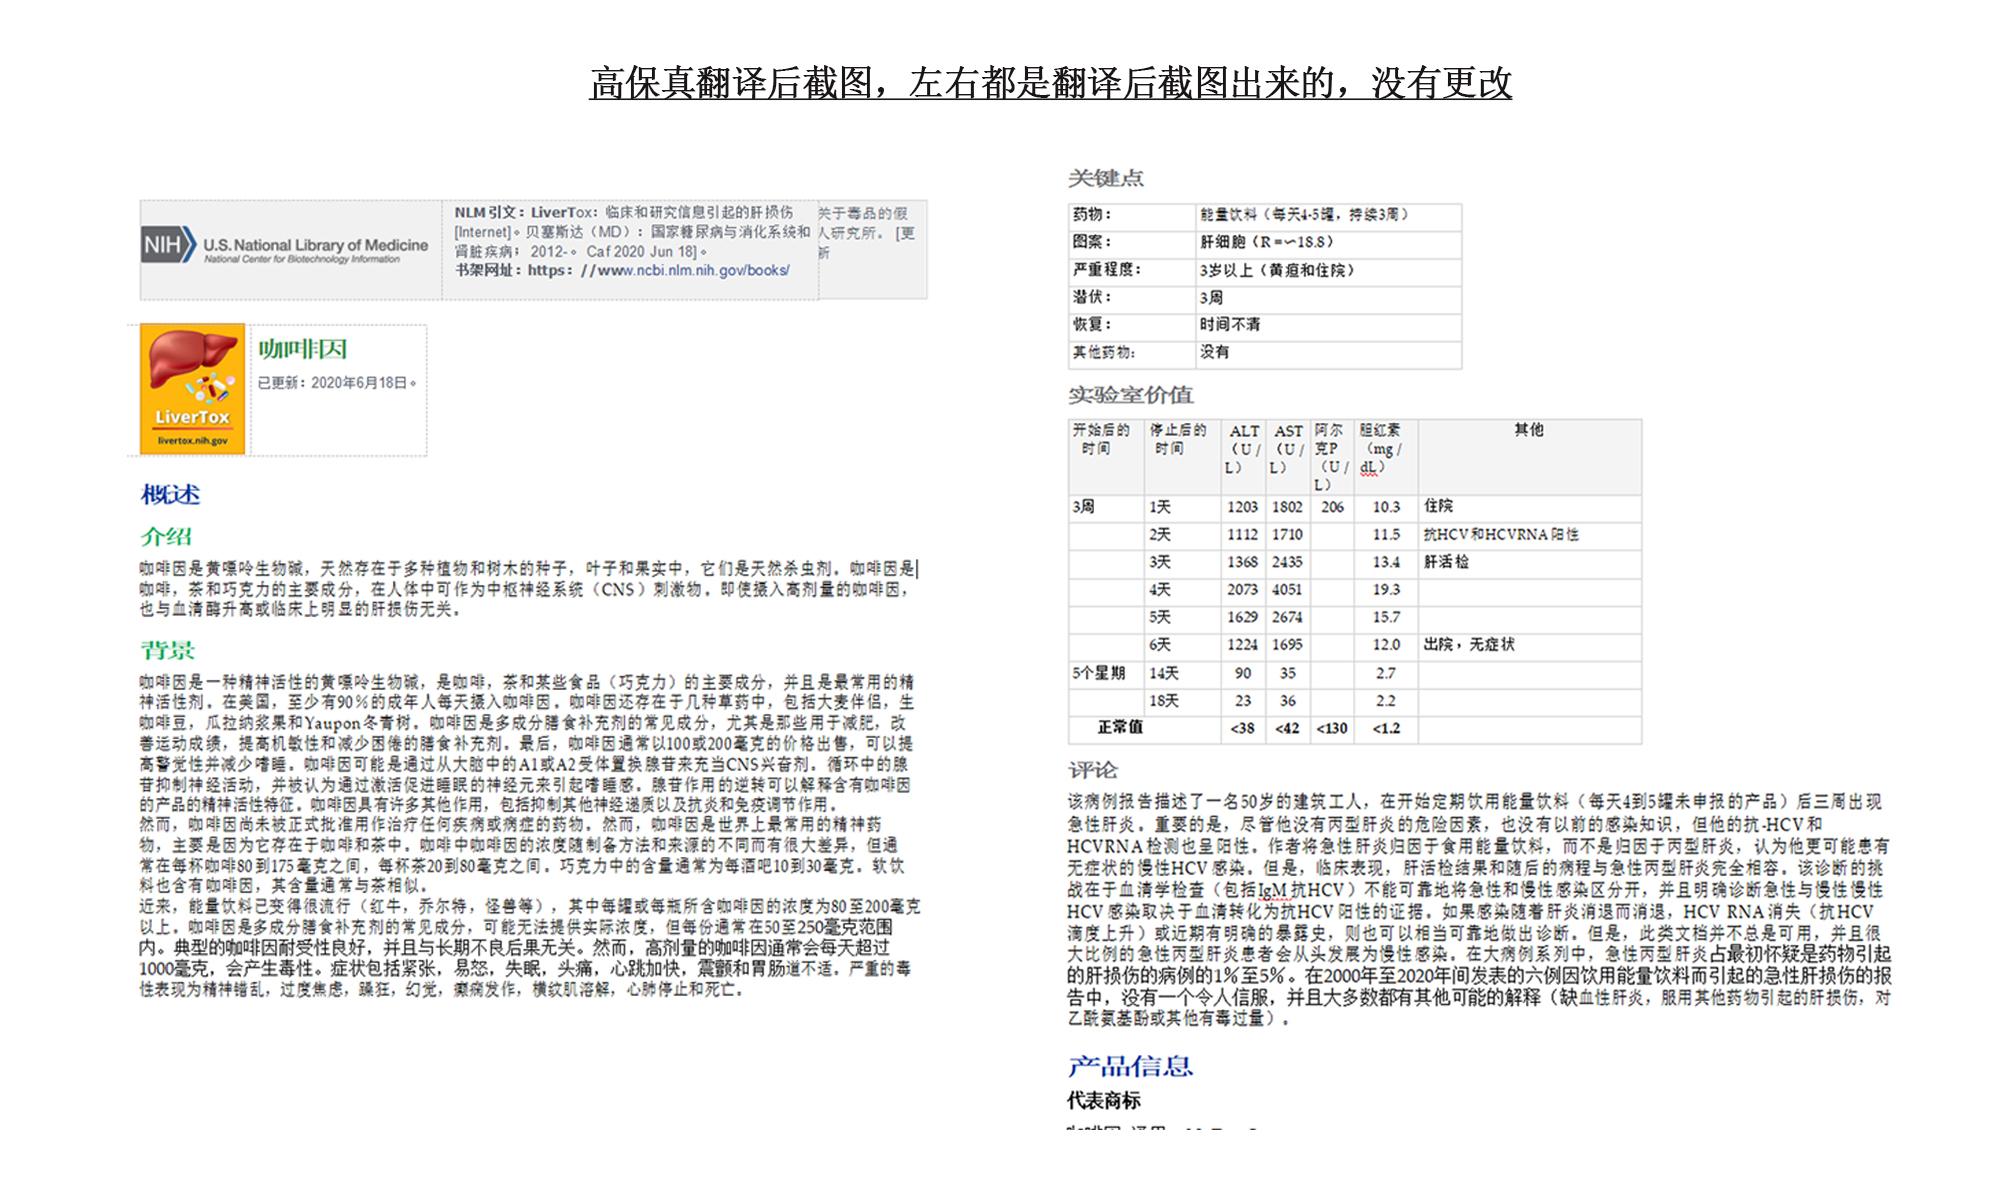 福昕翻译保留排版的20210714192028512122.jpg